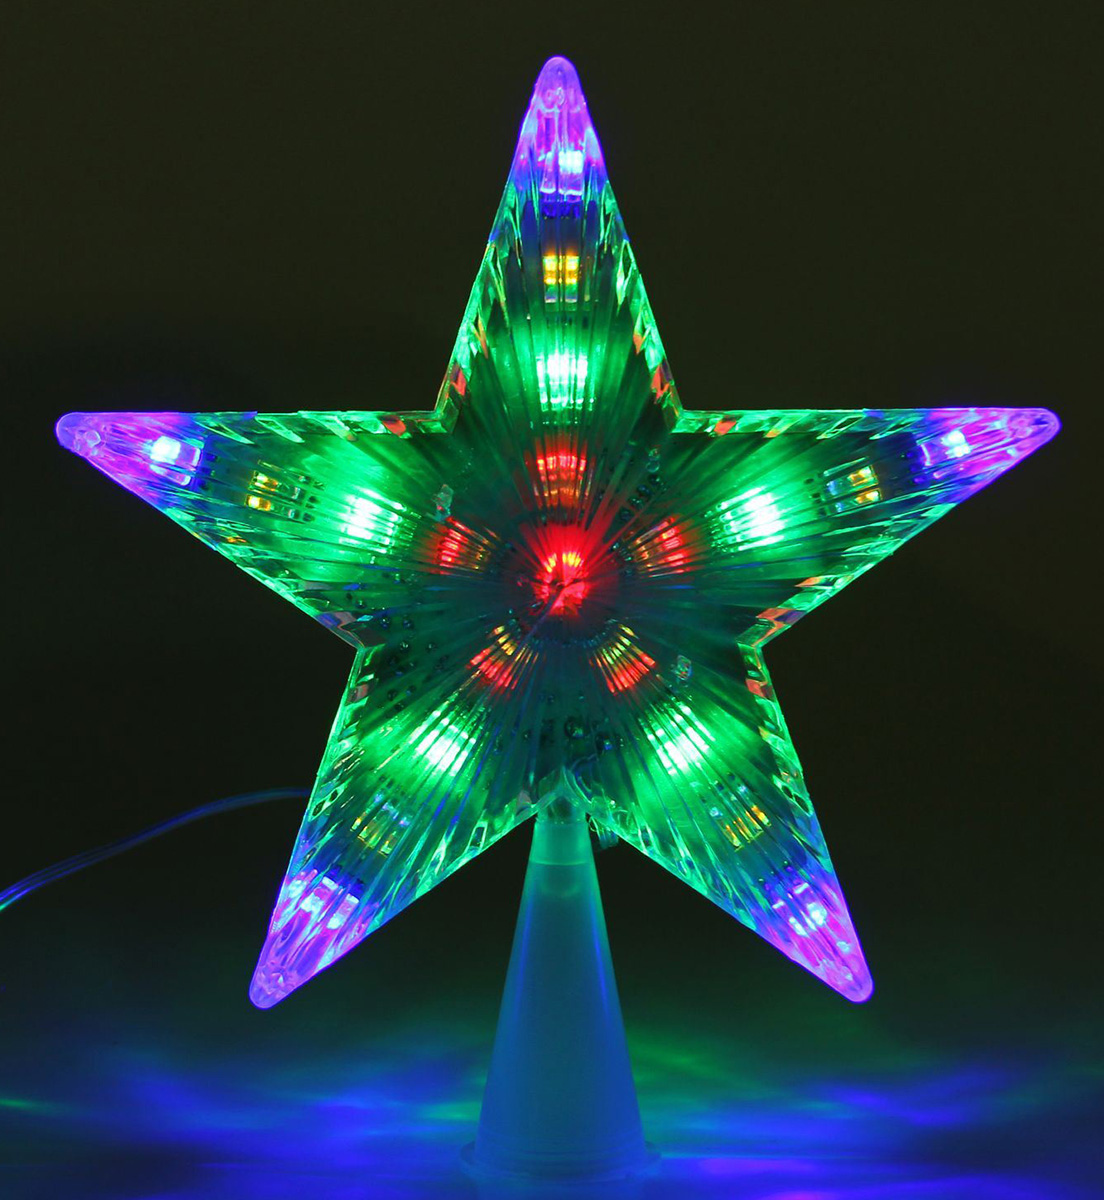 Макушка для елки Luazon Звезда белая, 17 х 17 см1077216Невозможно представить нашу жизнь без праздников! Мы всегда ждём их и предвкушаем, обдумываем, как проведём памятный день, тщательно выбираем подарки и аксессуары, ведь именно они создают и поддерживают торжественный настрой.